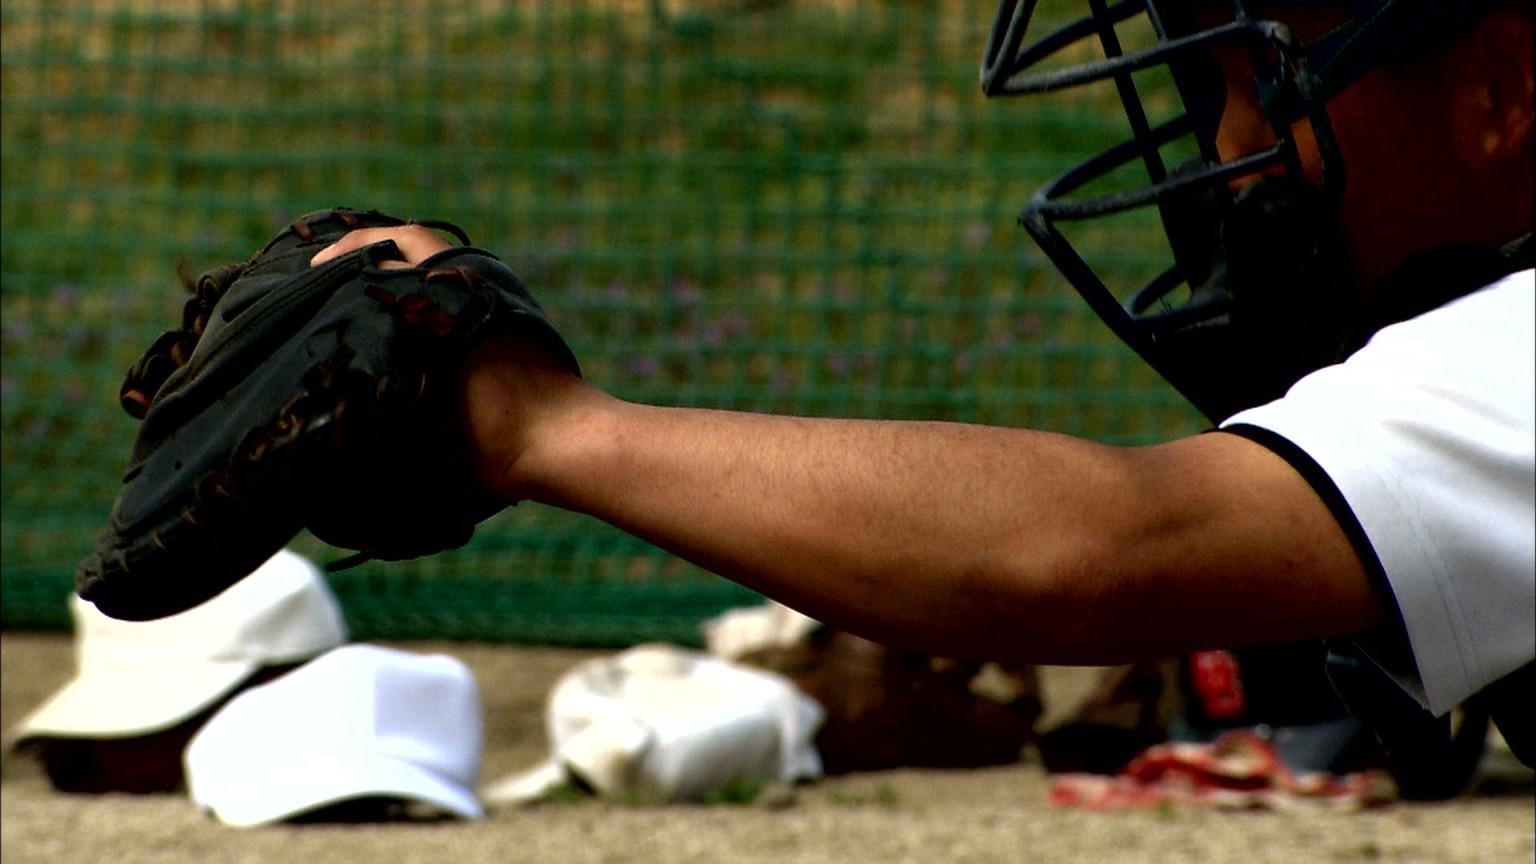 就実・創部初のベスト4 快進撃を支えるキャプテン 夏の高校野球・岡山大会